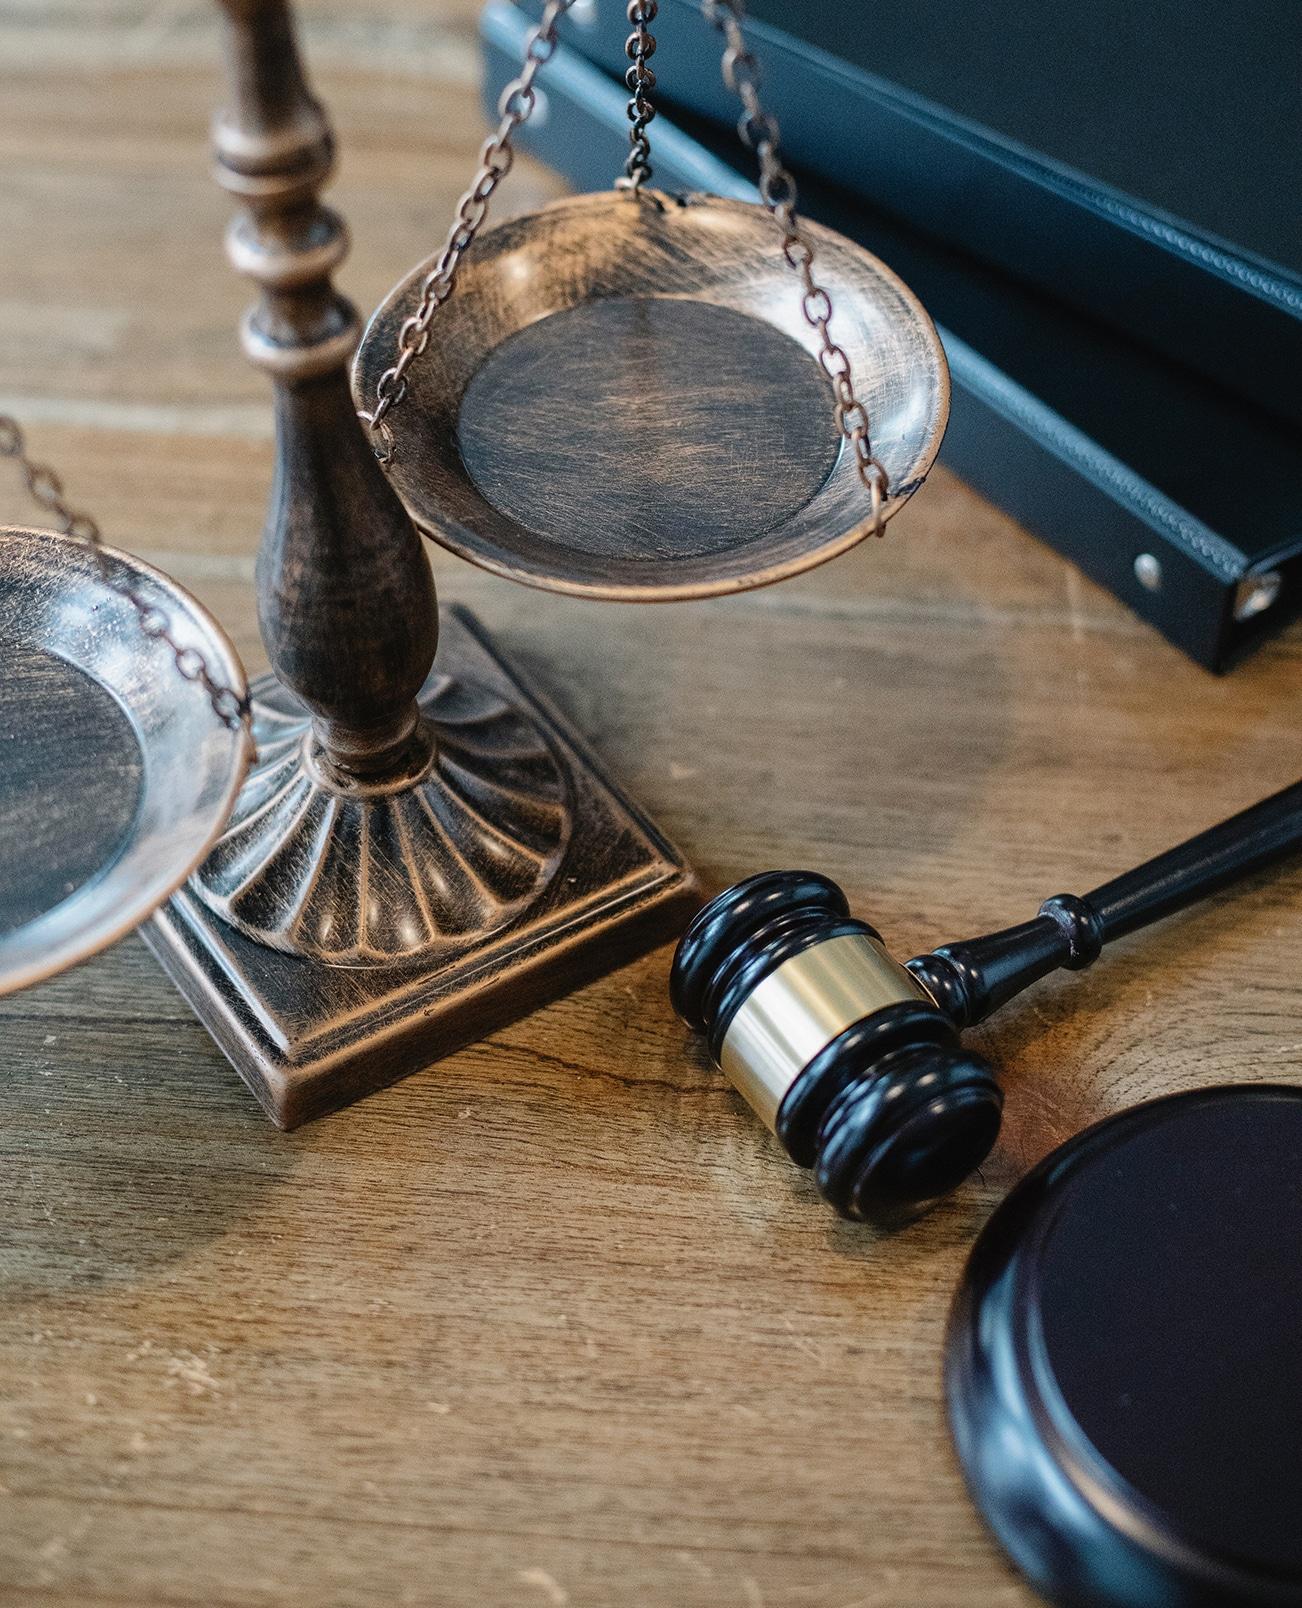 Abogado especialista en derecho penal Valladolid